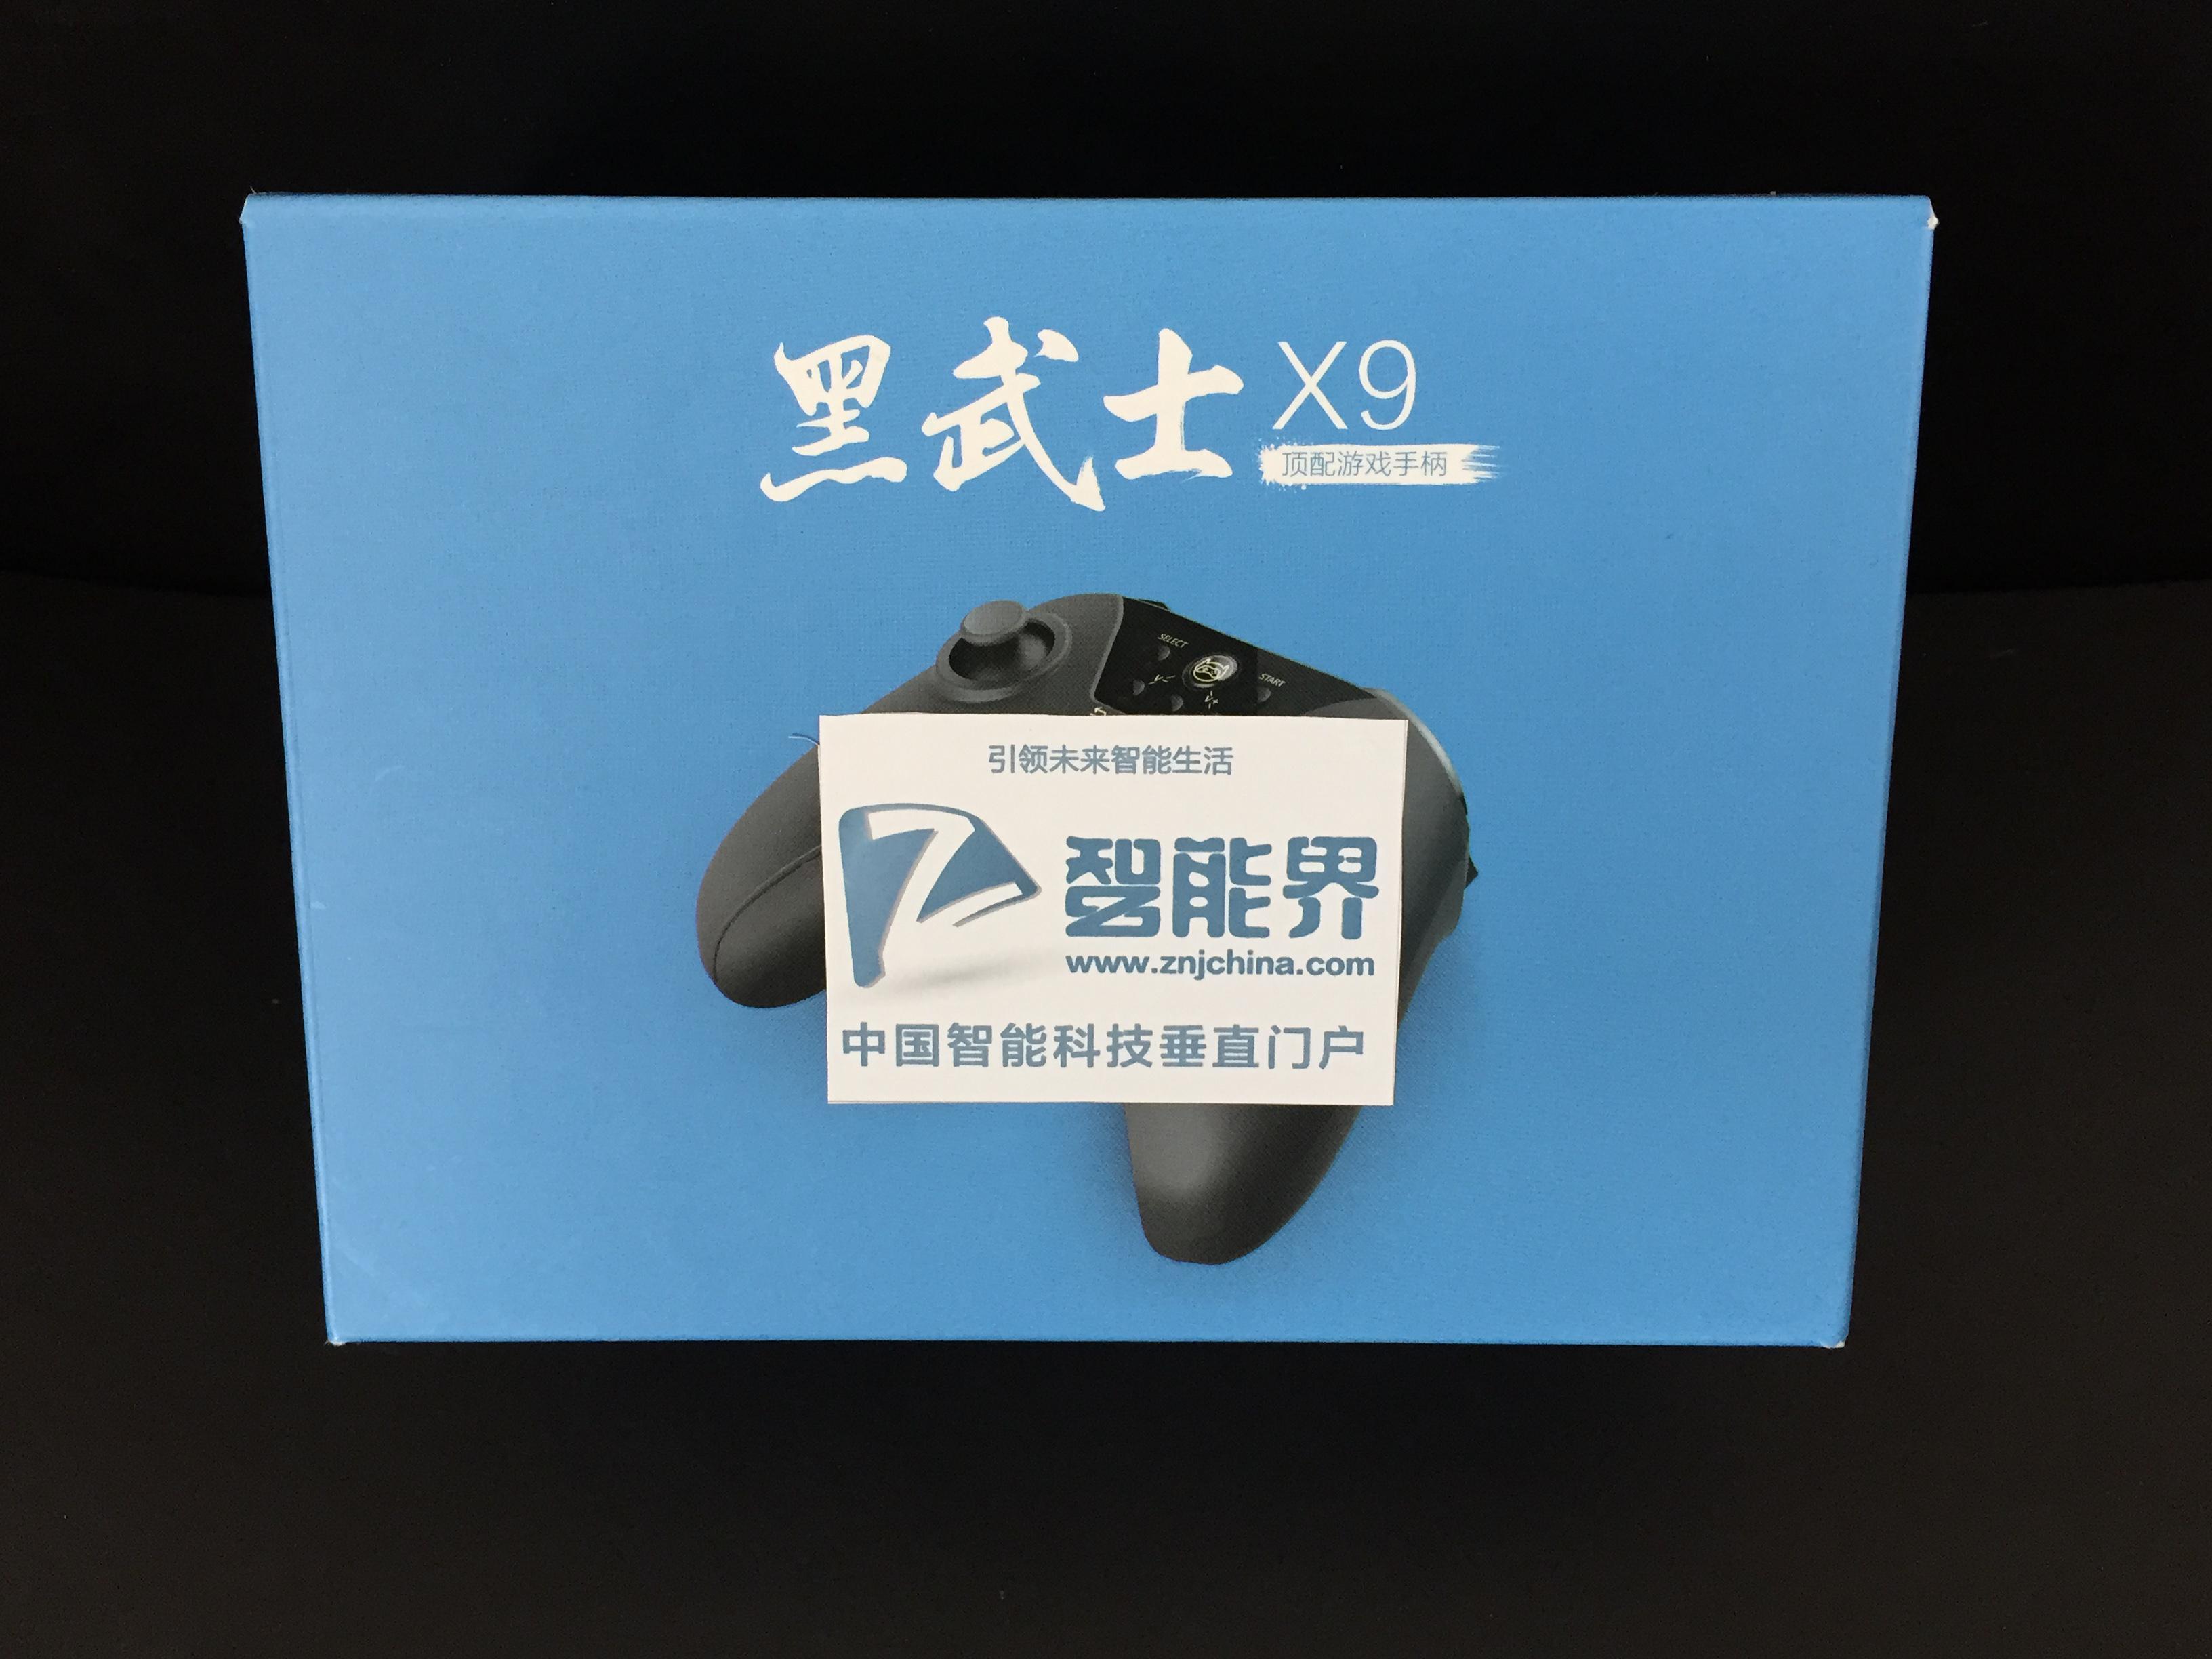 功能多且实用 飞智黑武士X9评测